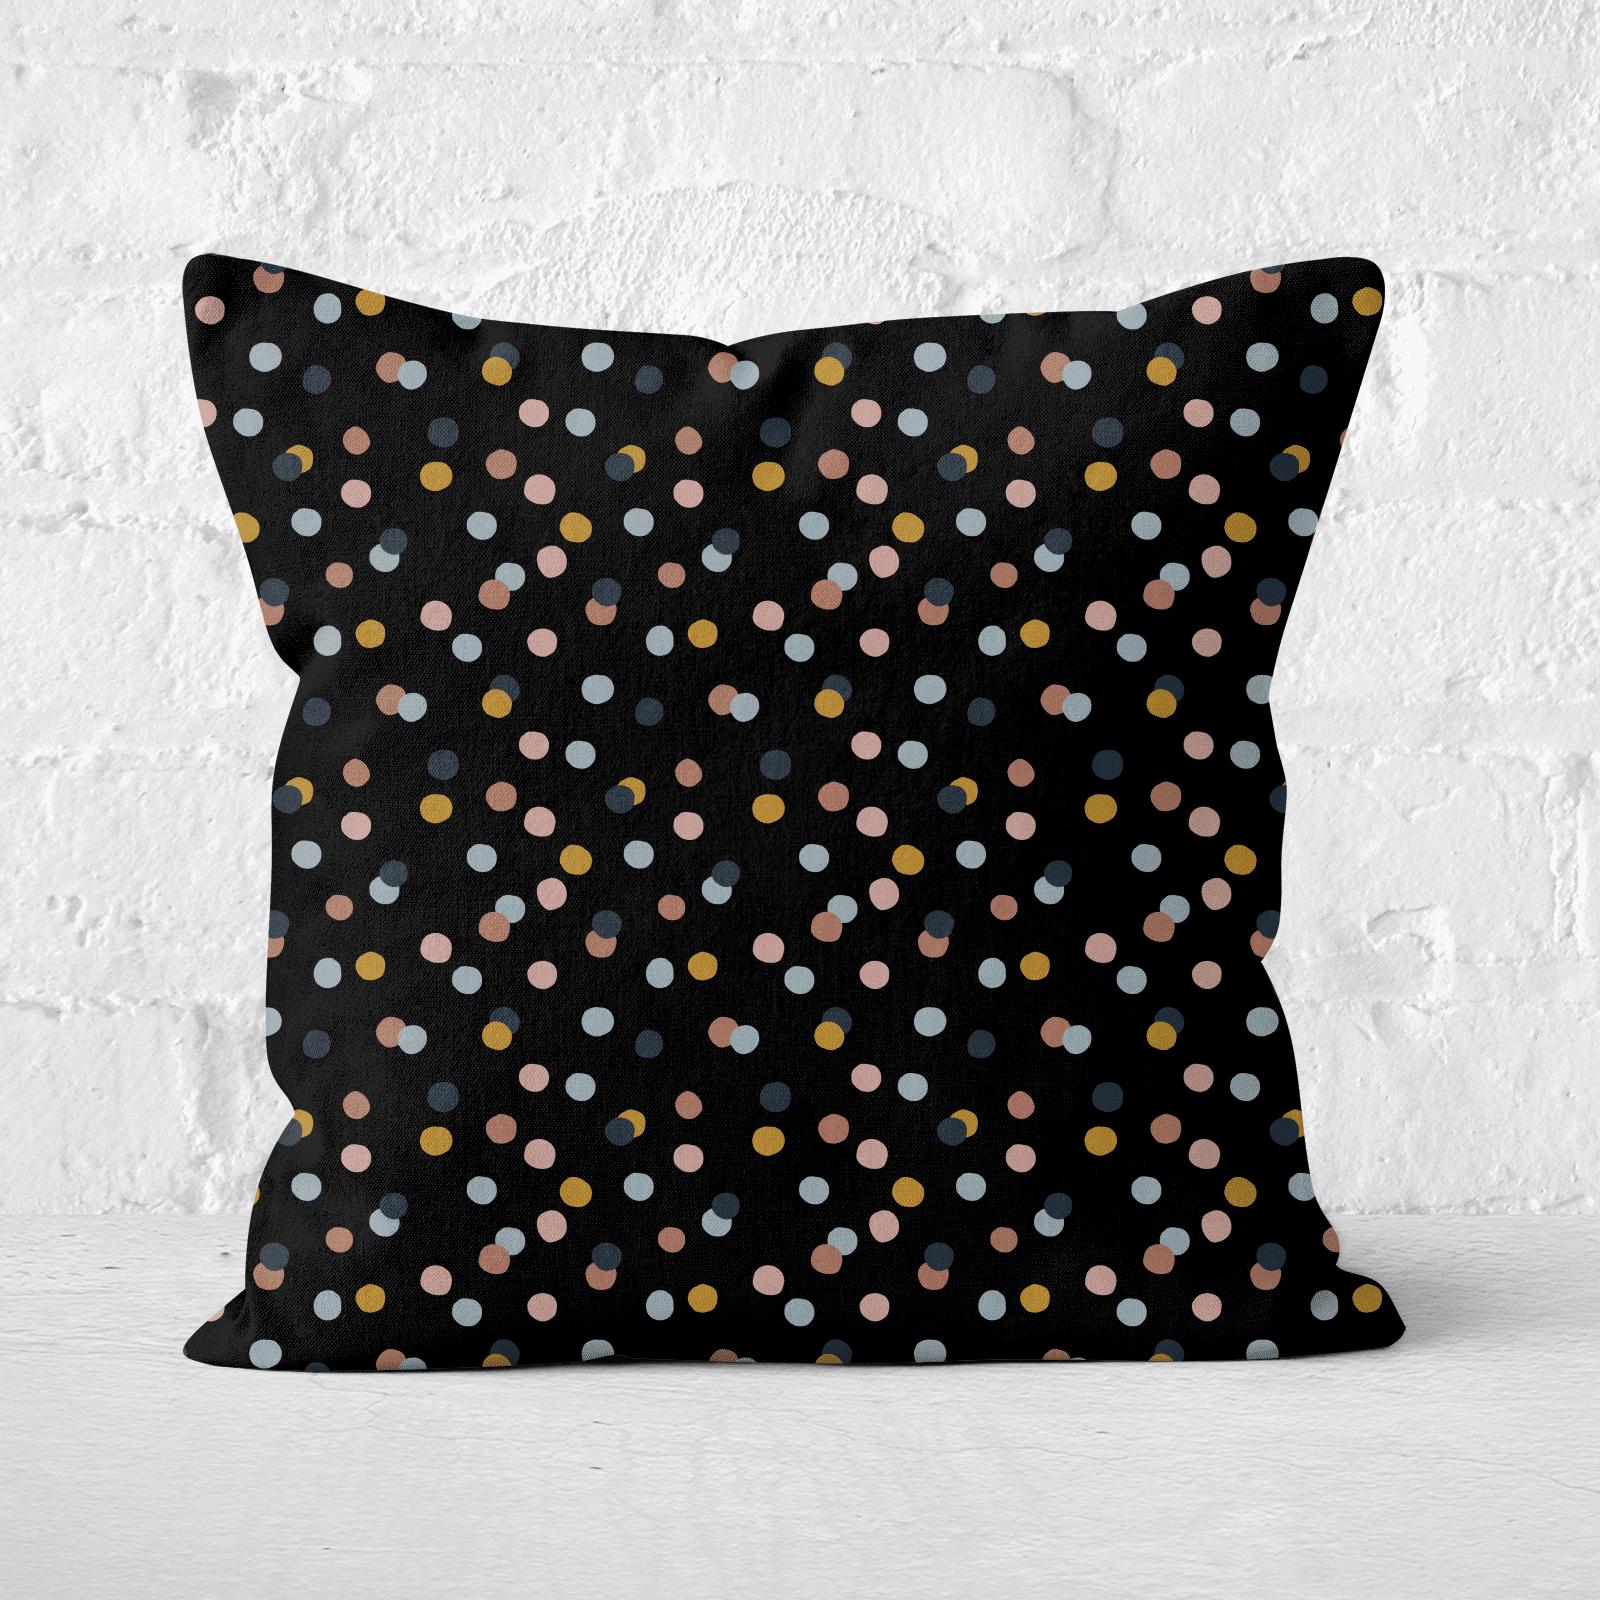 Rainbow Confetti Square Cushion - 50x50cm - Soft Touch-